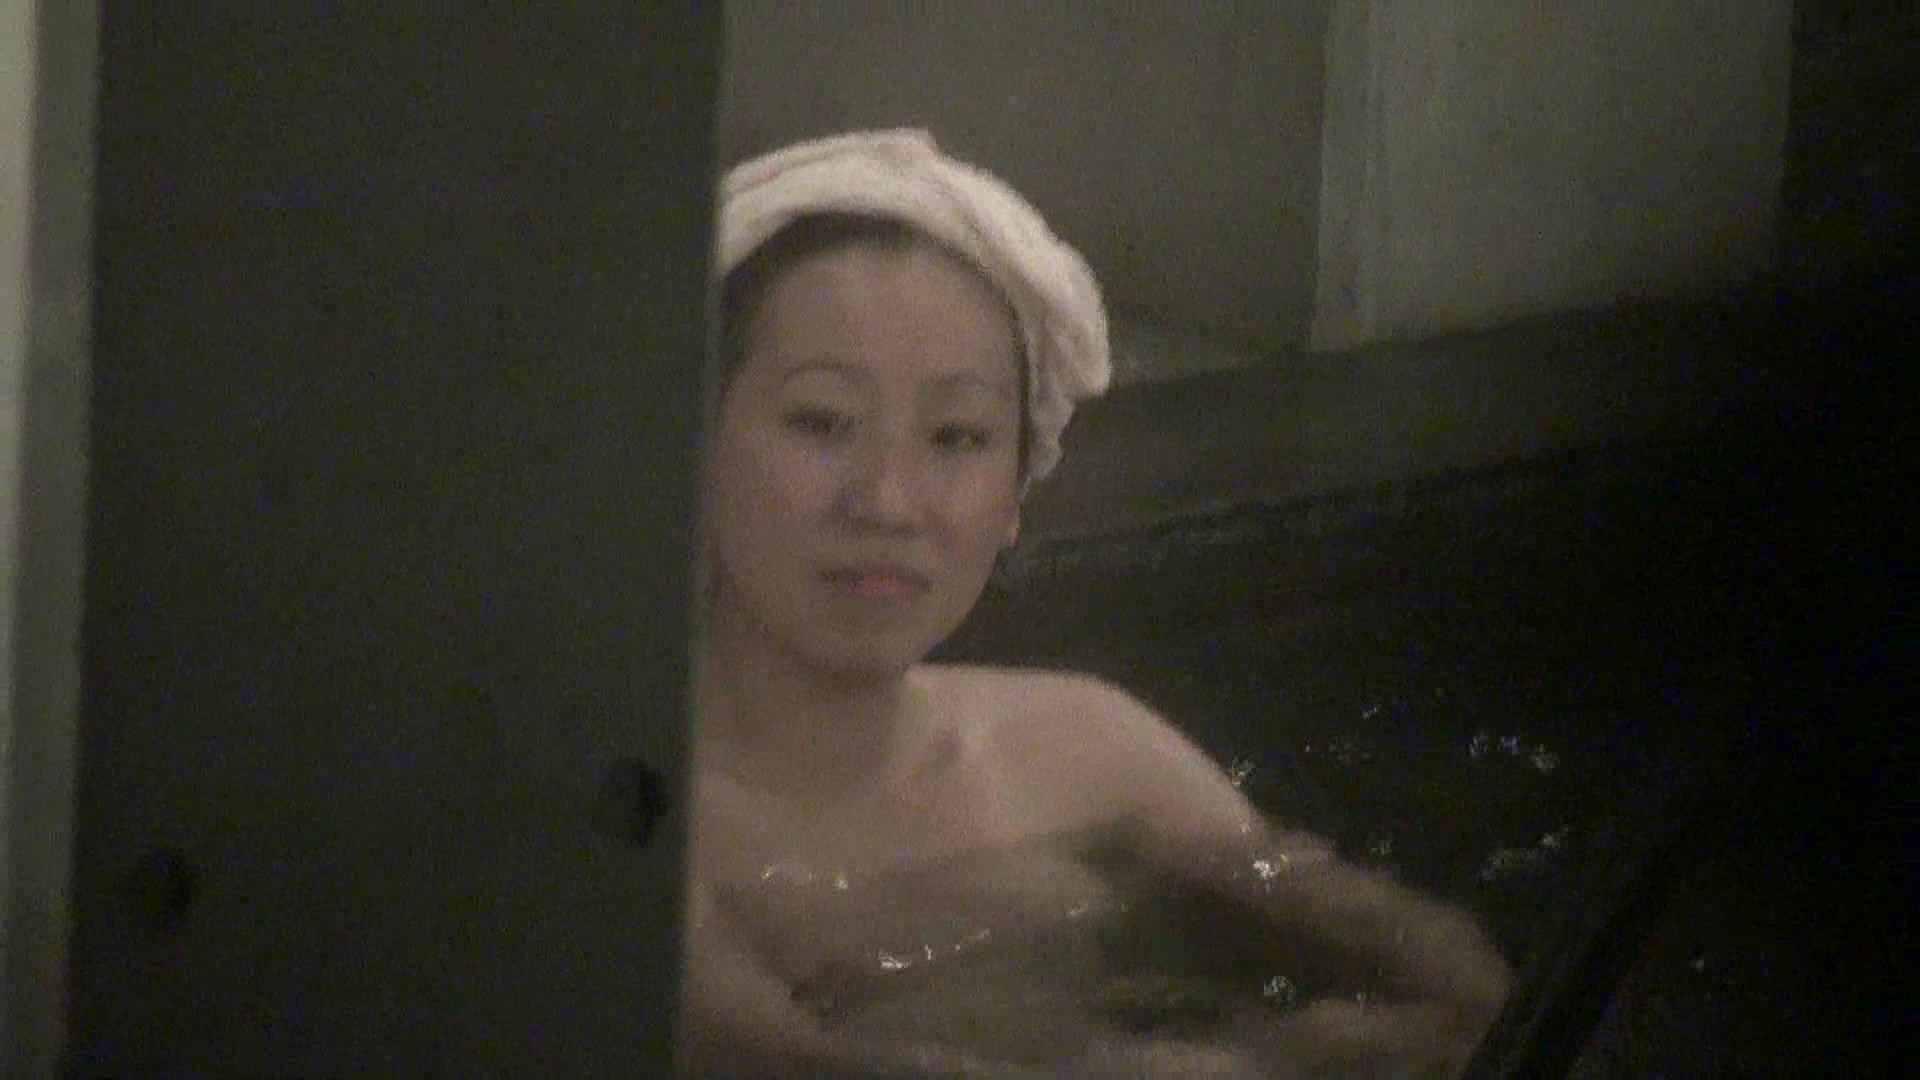 Aquaな露天風呂Vol.416 露天   OLエロ画像  20PICs 7